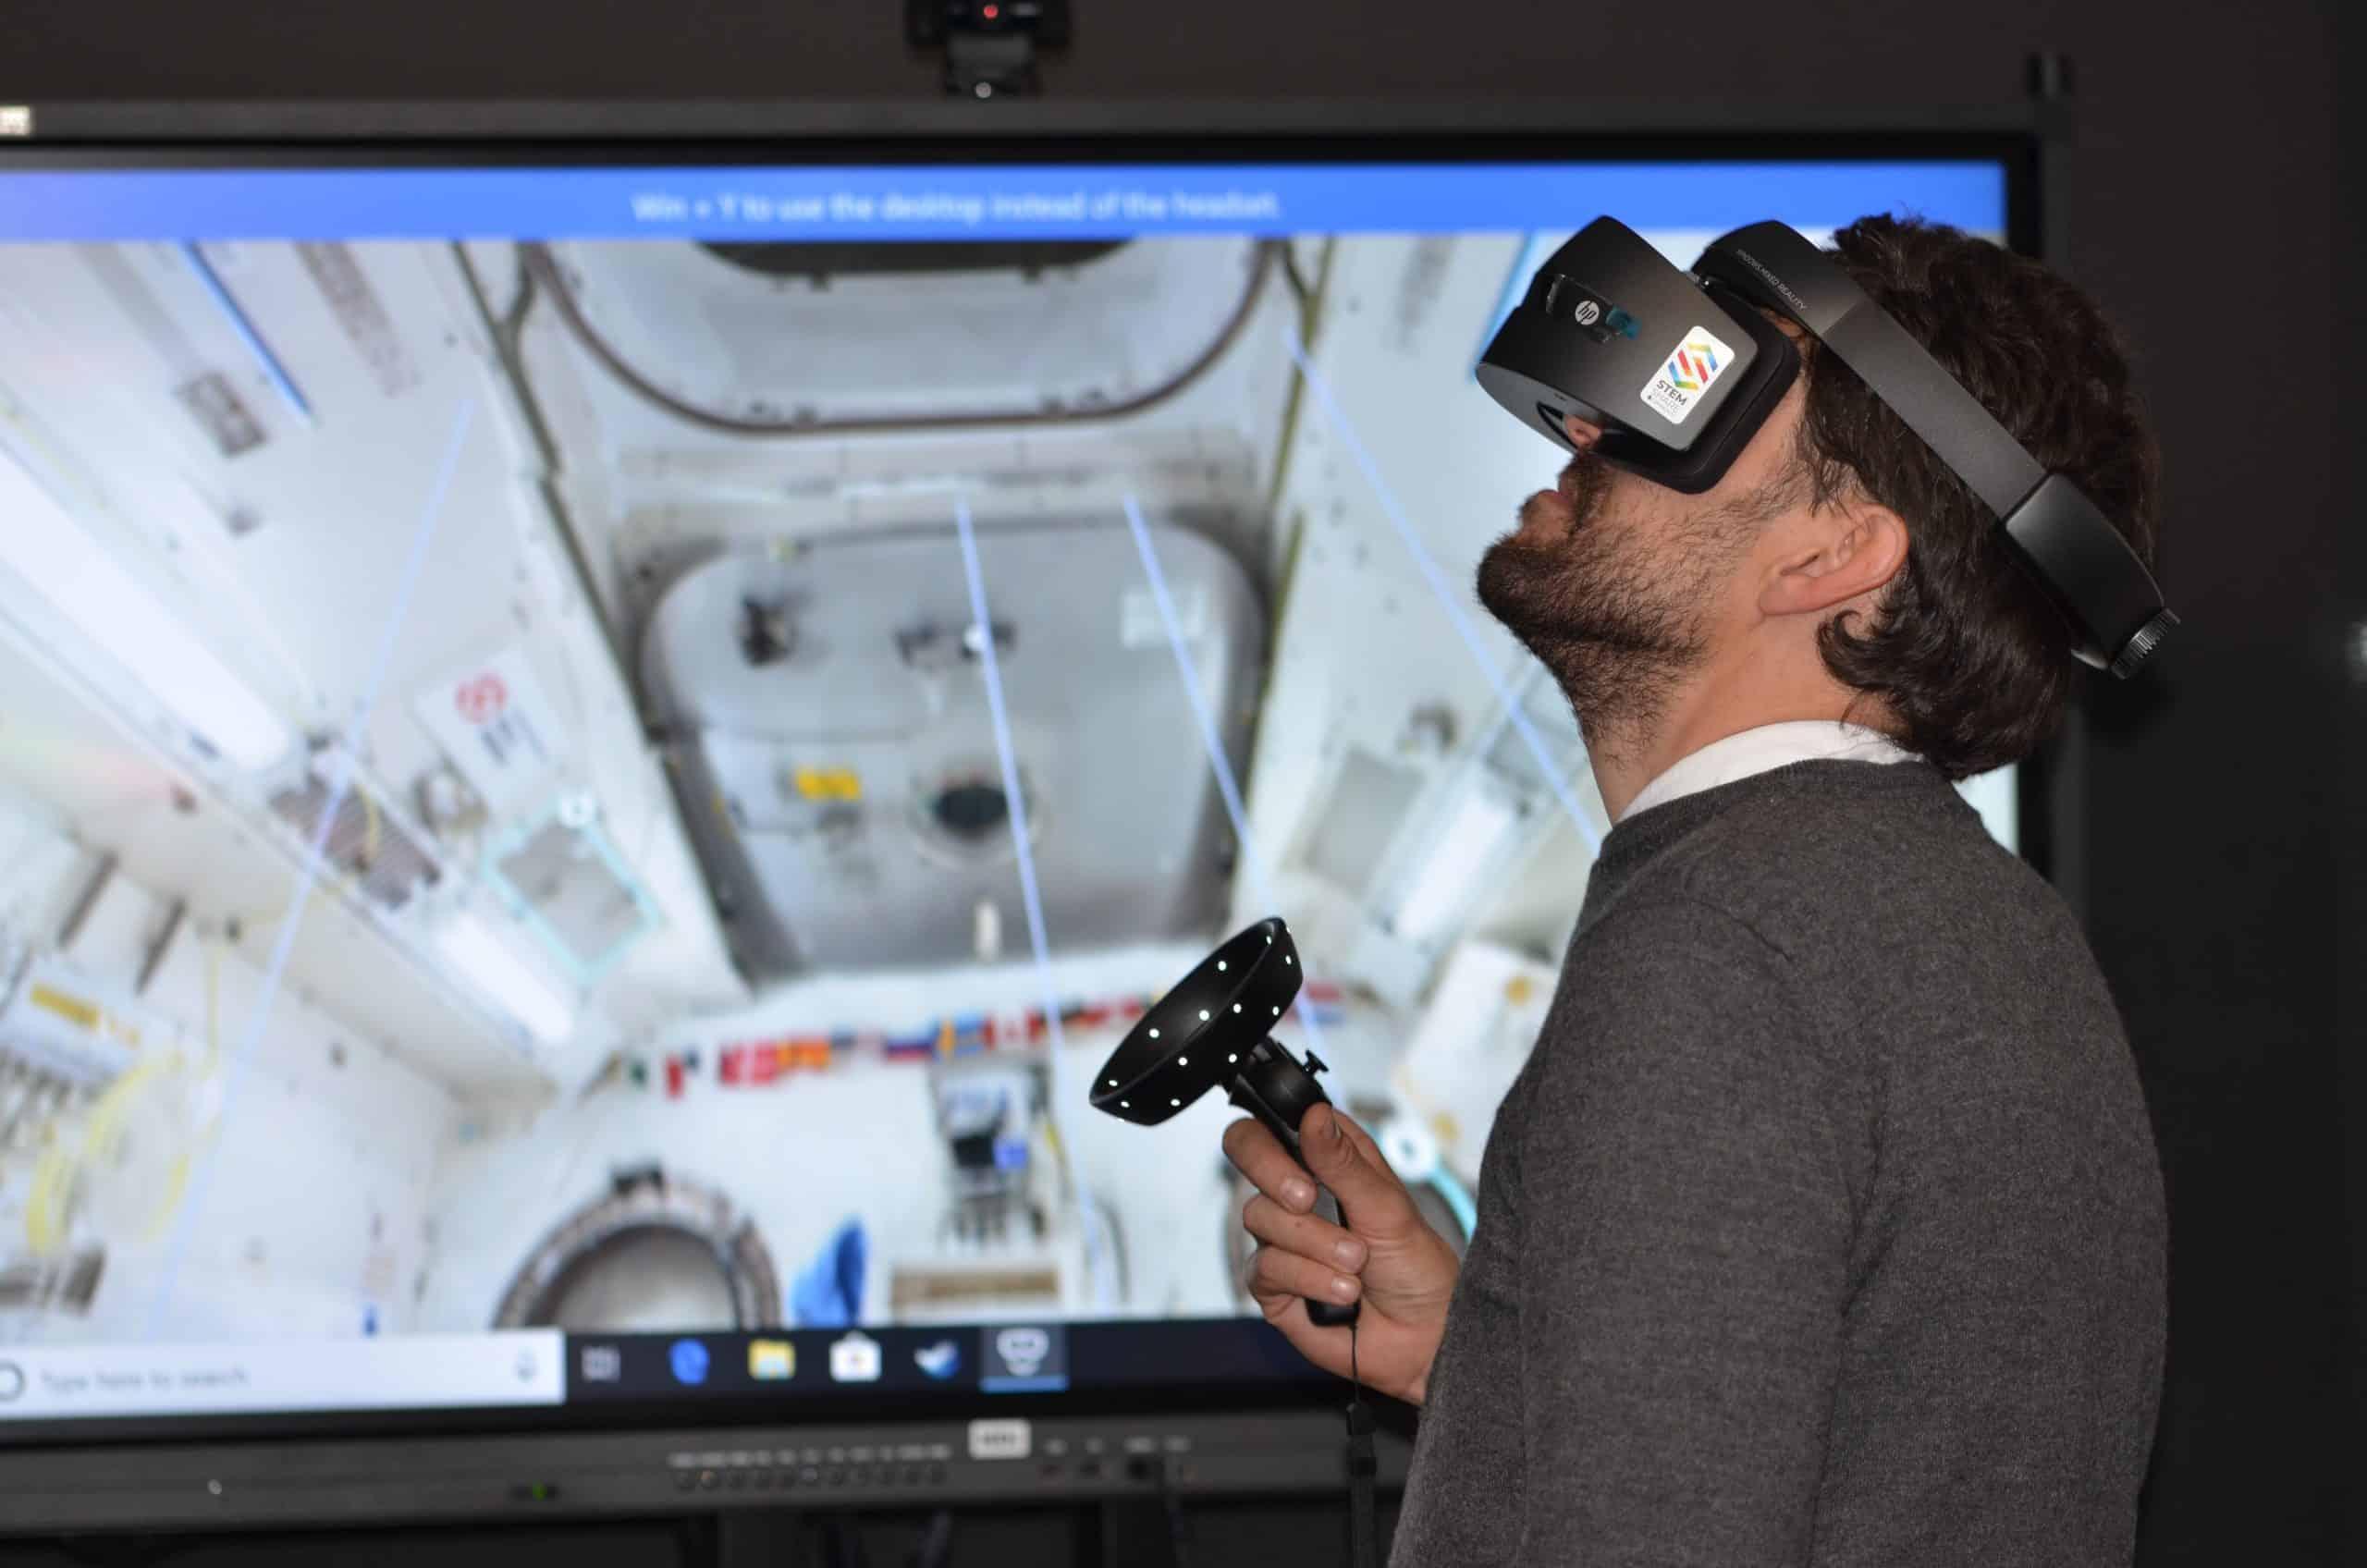 Une homme utilisant un casque de réalité virtuelle dans un cadre professionnel